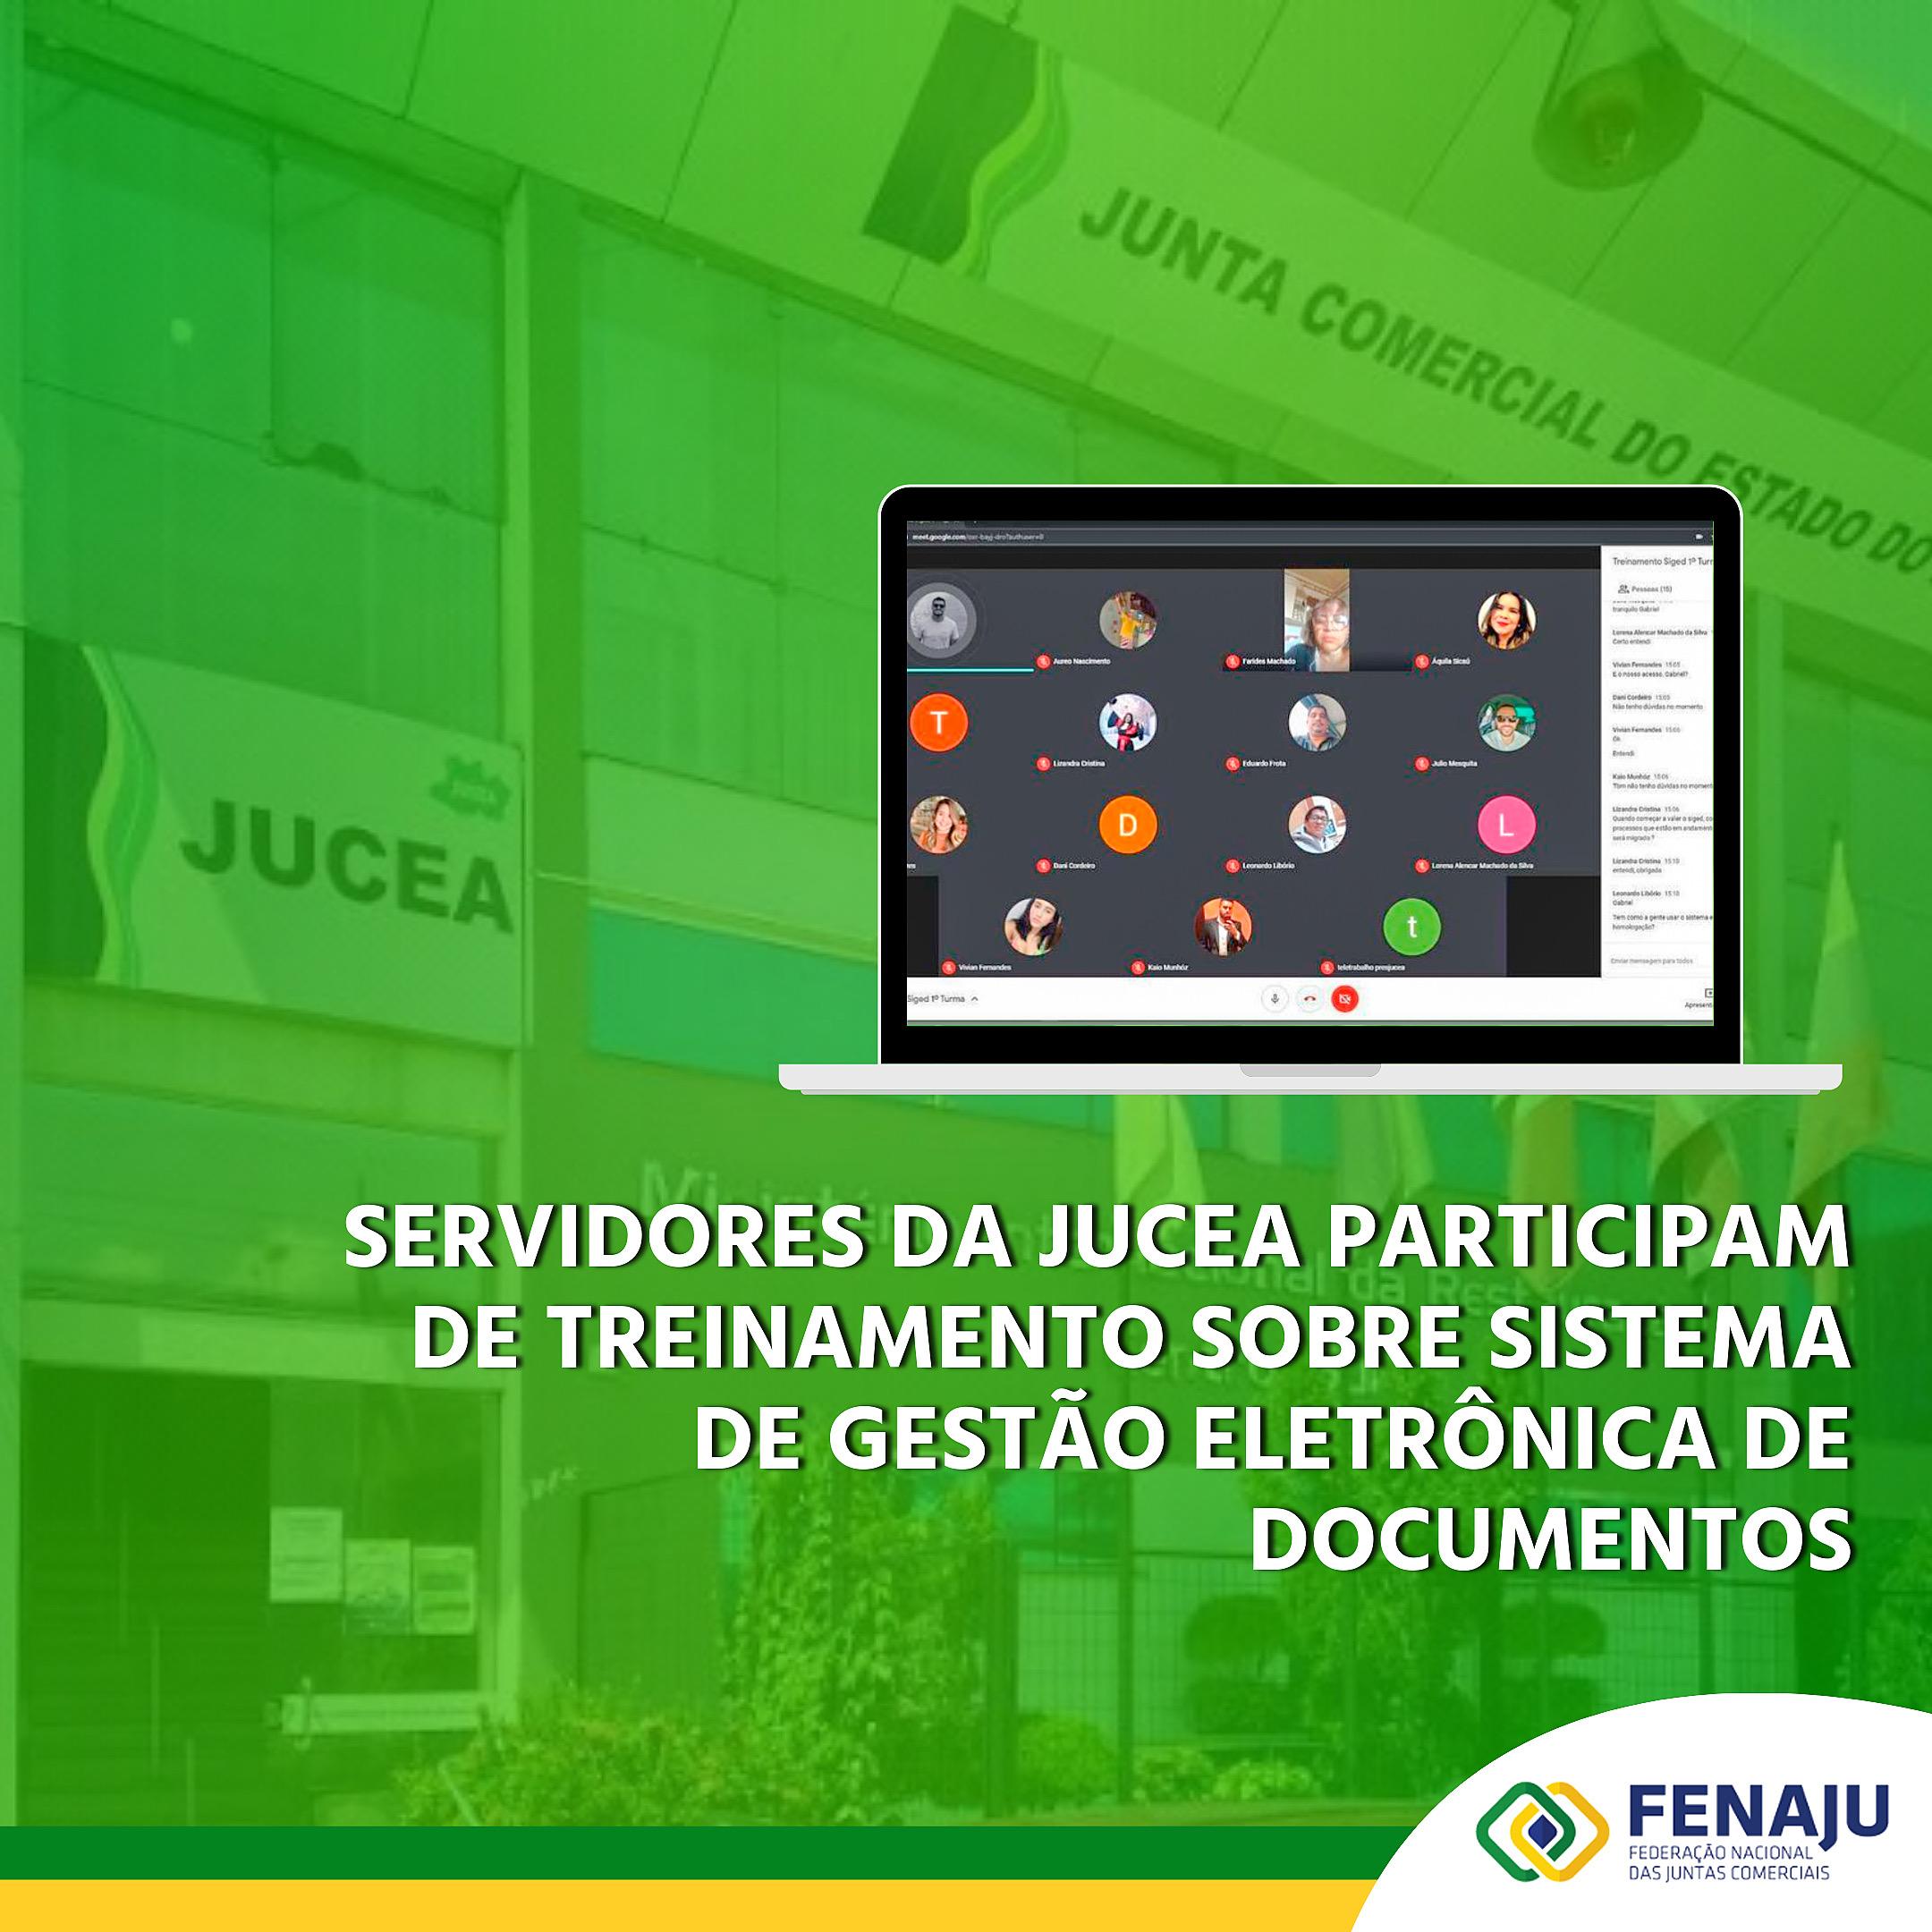 Servidores da JUCEA participam de treinamento sobre Sistema de Gestão Eletrônica de Documentos